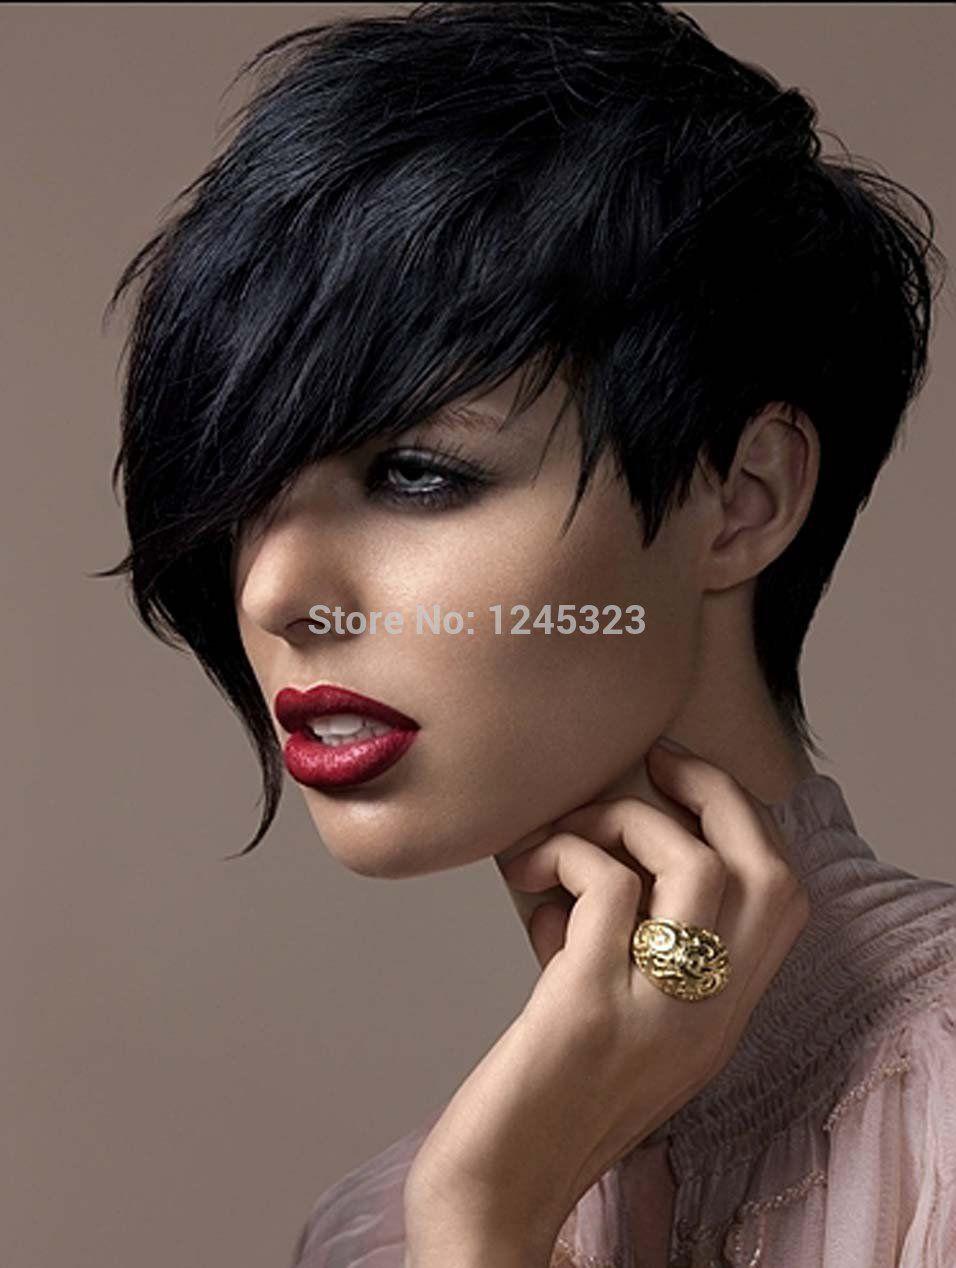 Фото красивых женщин брюнеток за 30 с короткой стрижкой 9 фотография